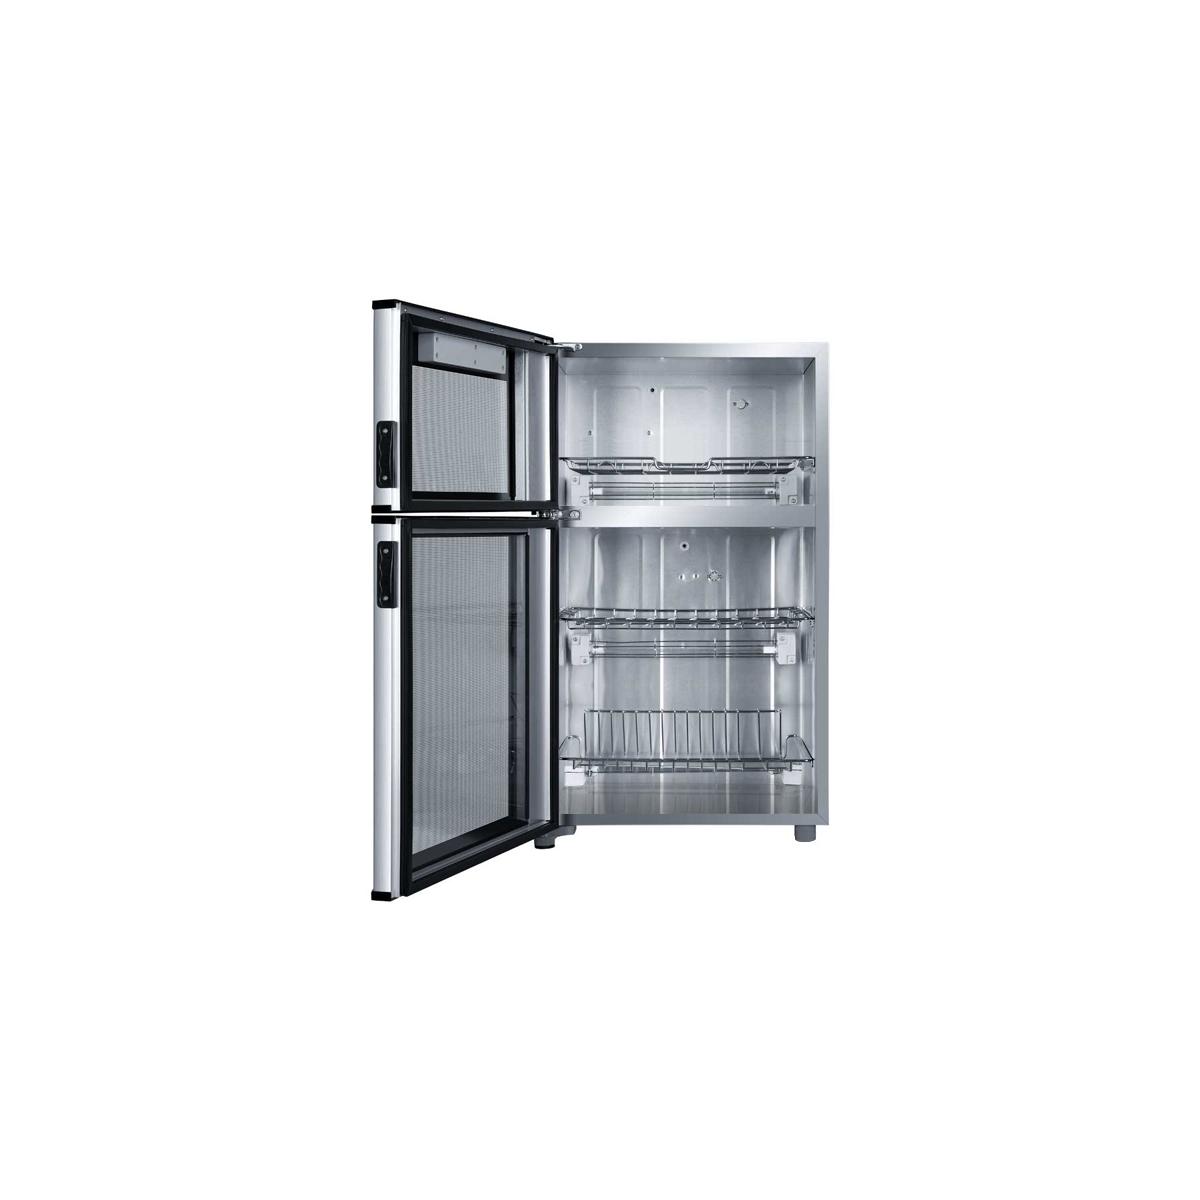 嵌入式消毒柜哪个好?嵌入式消毒柜安装注意事项?